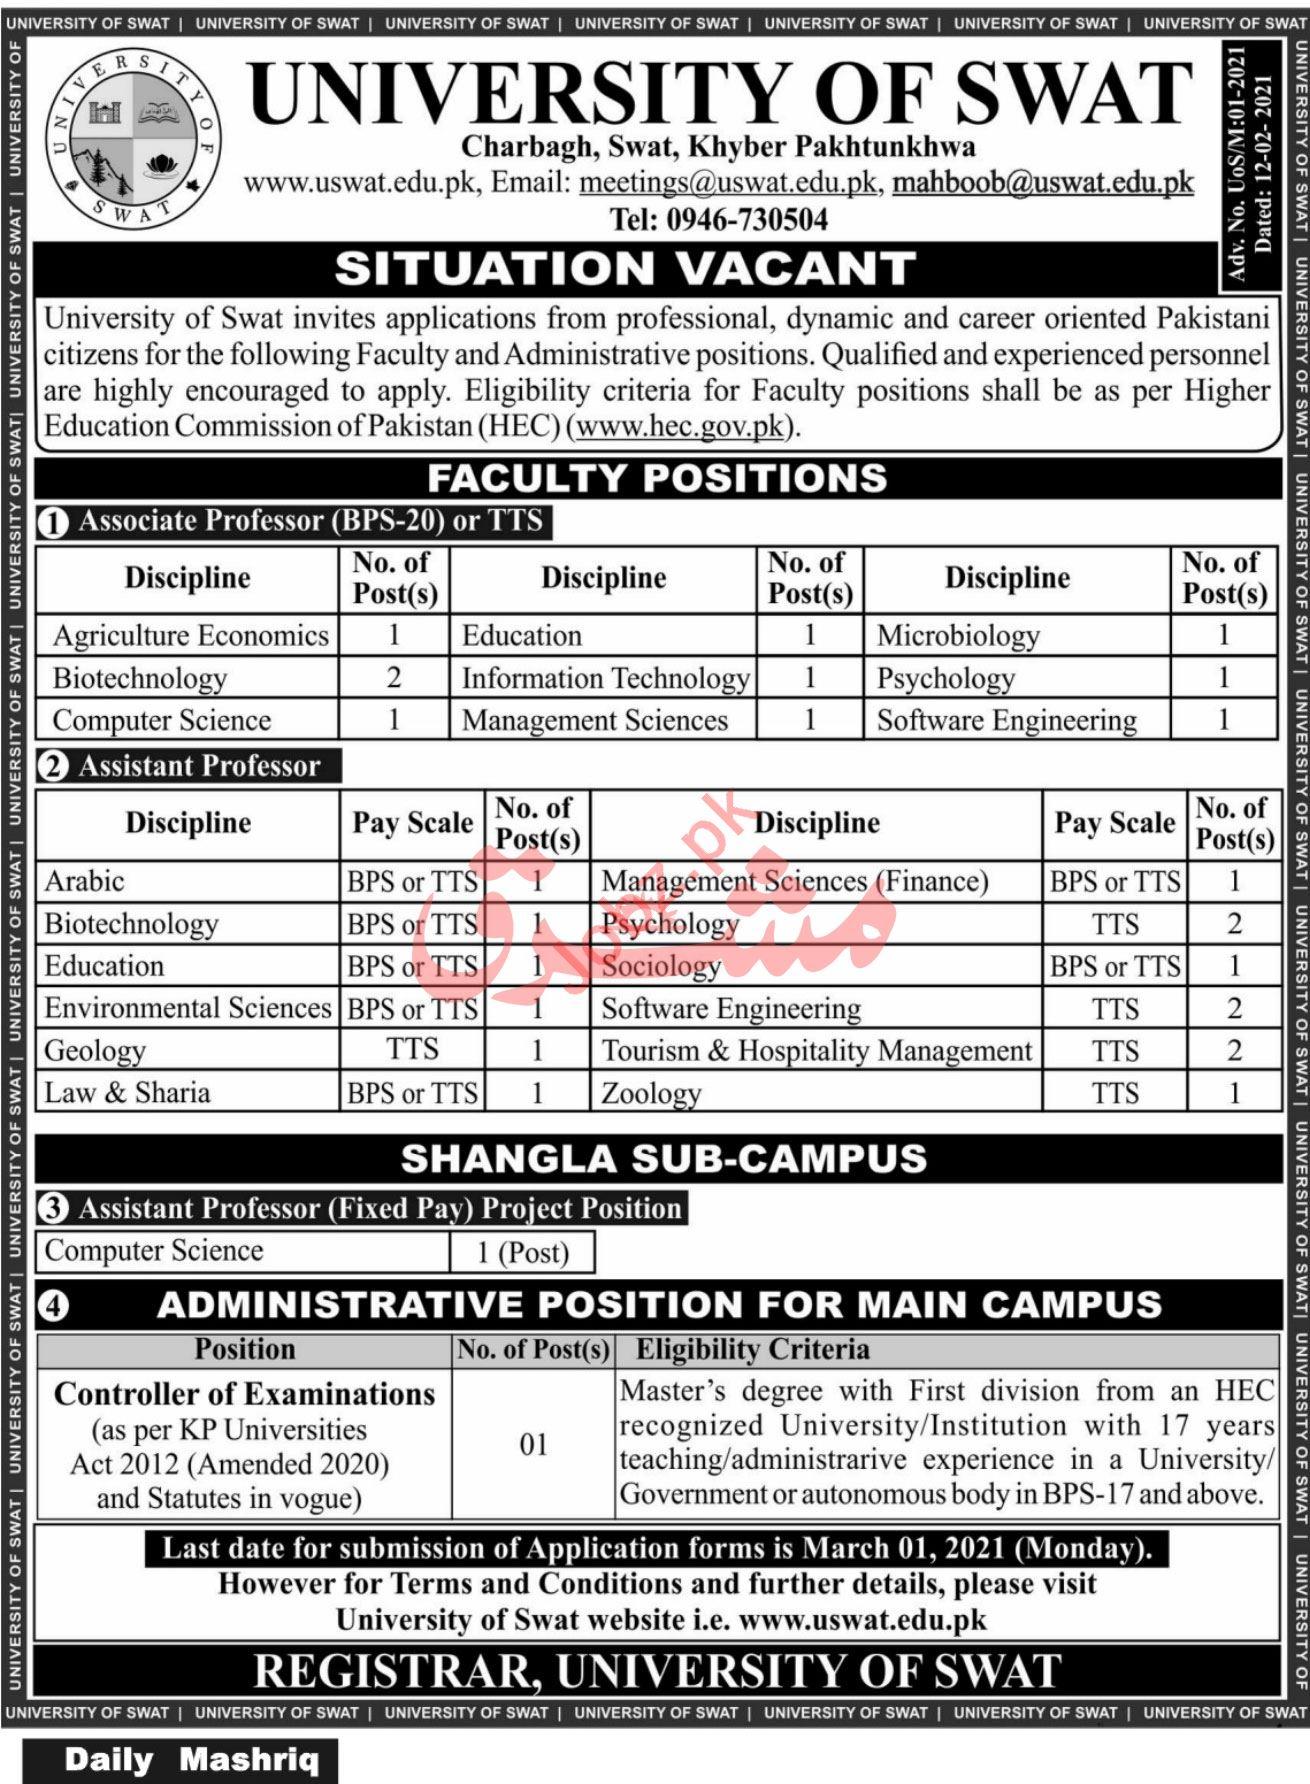 University of Swat Jobs 2021 Assistant & Associate Professor